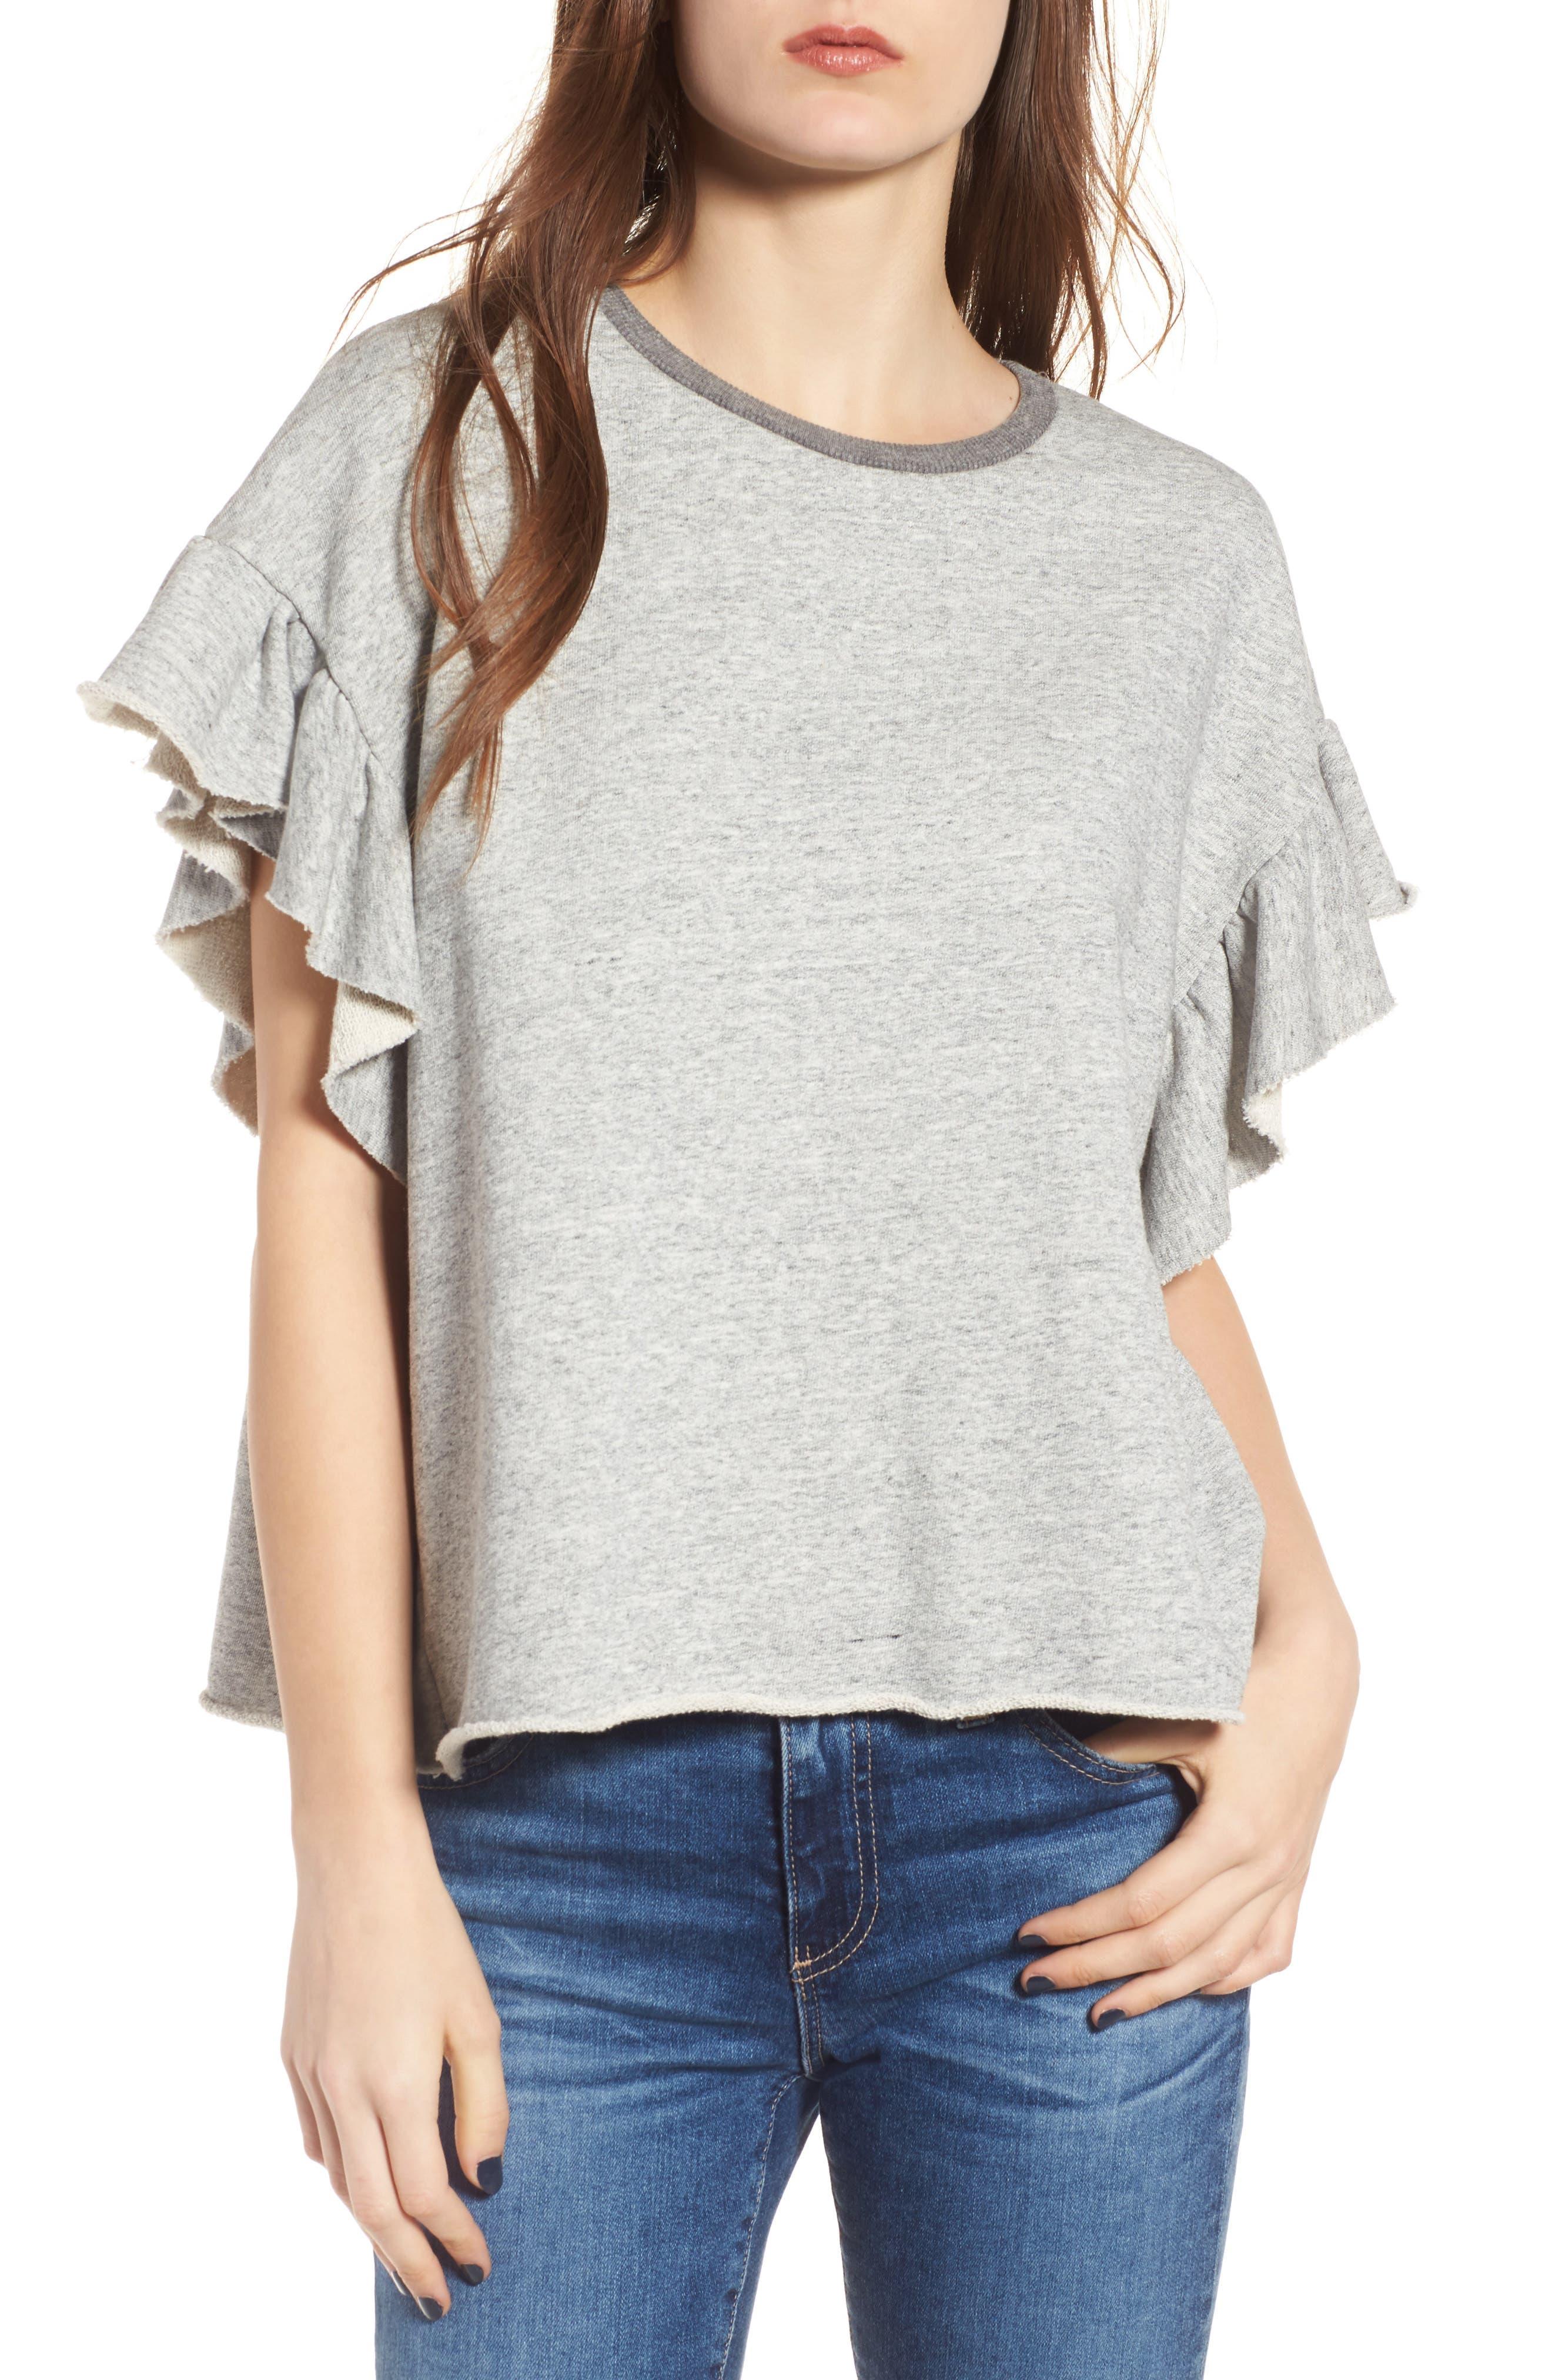 Bes Sweatshirt,                         Main,                         color,